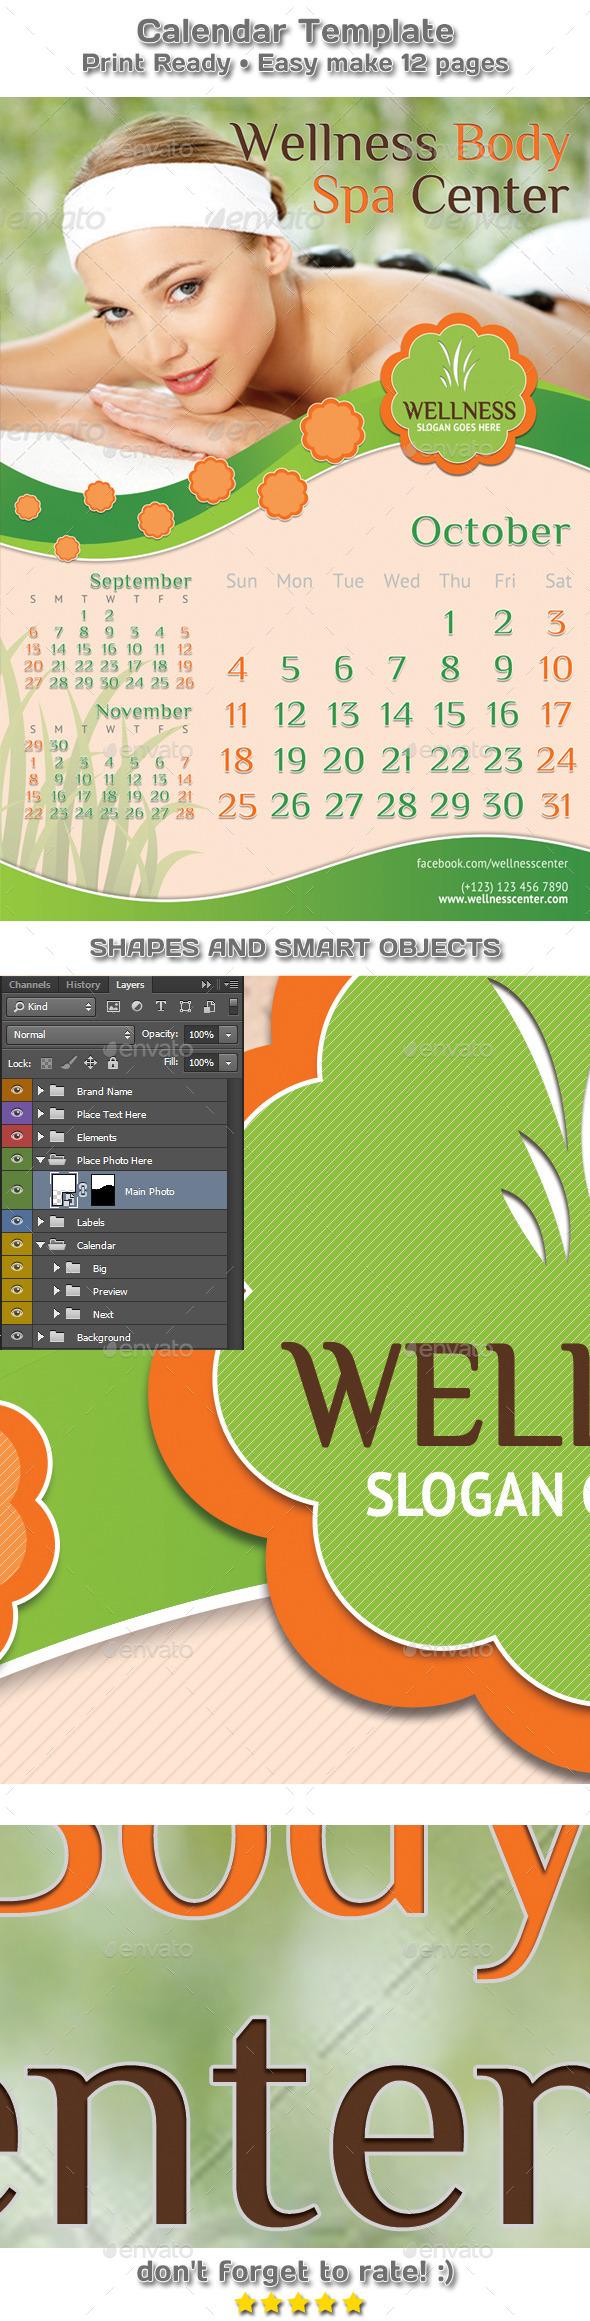 GraphicRiver Yoga Wellness and Spa Calendar Template 9456682